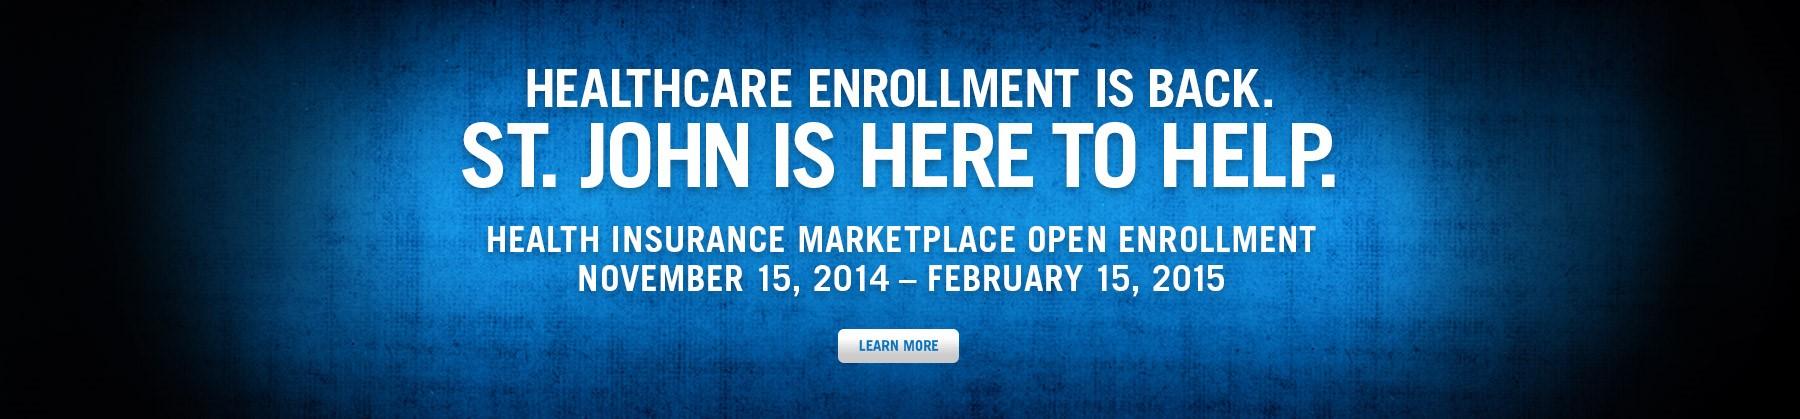 Healthcare Enrollment Is Back